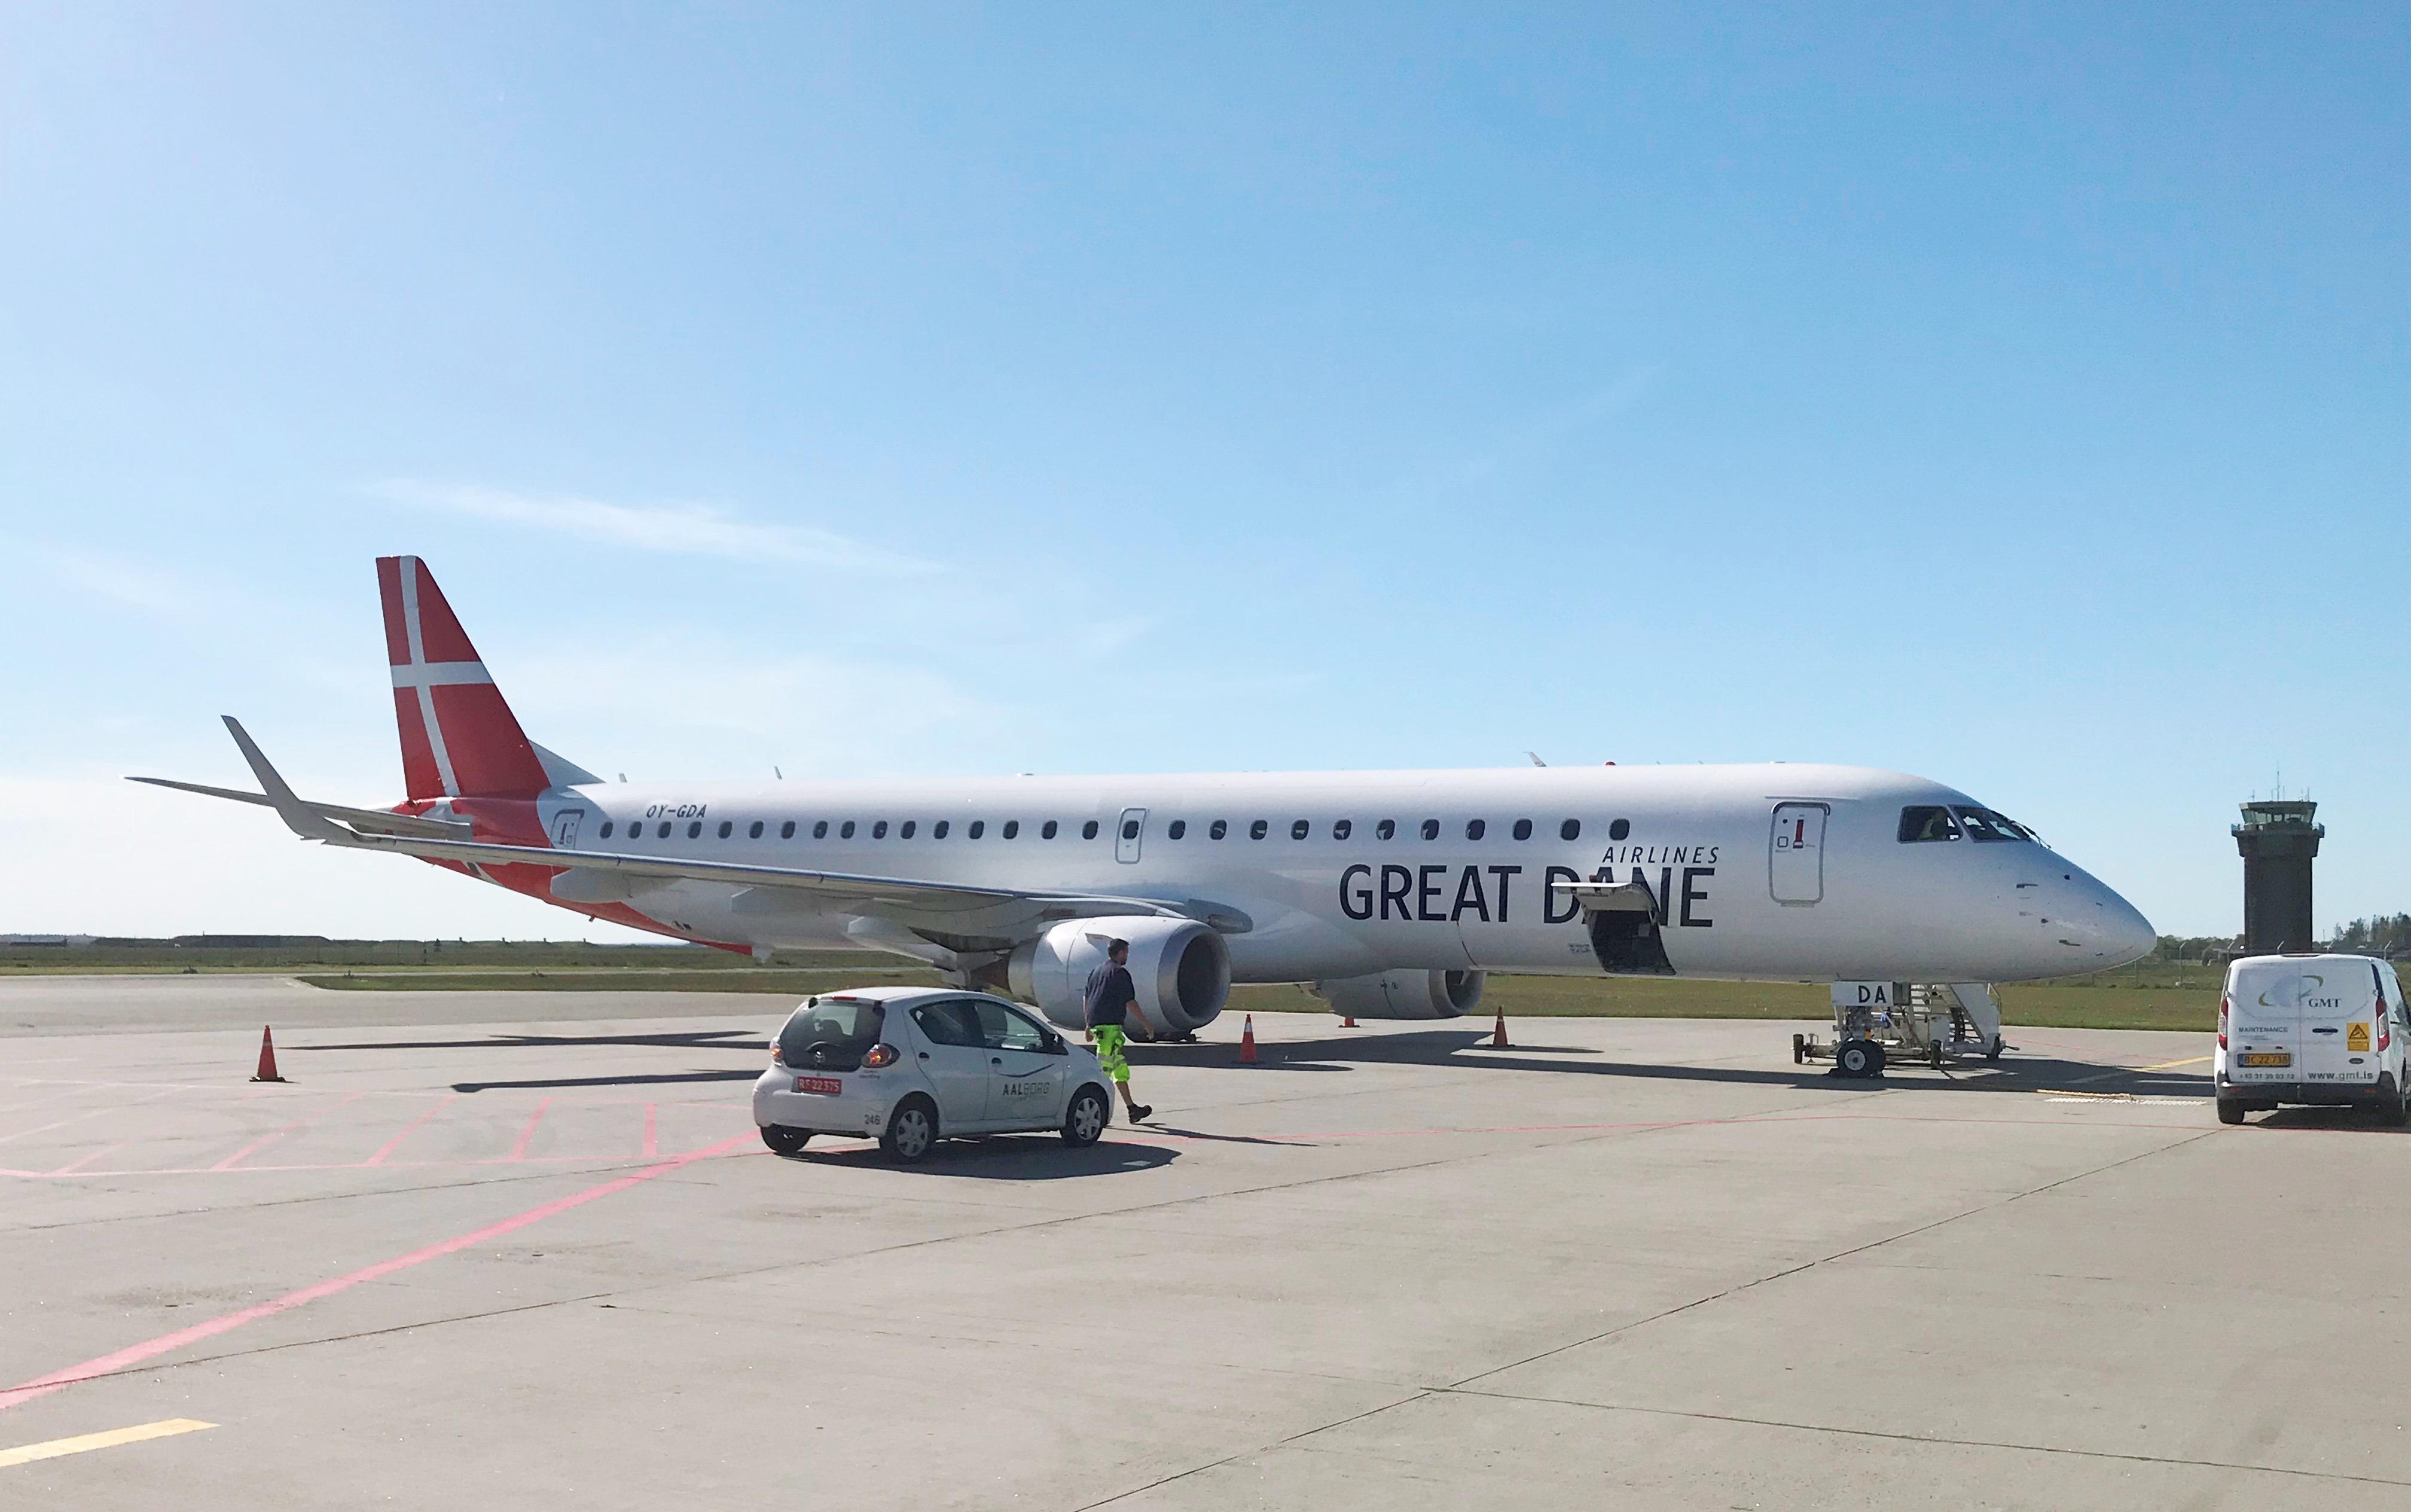 OY-GDA fra Great Dane Airlines i Aalborg Lufthavn. (Foto: Ole Kirchert Christensen)